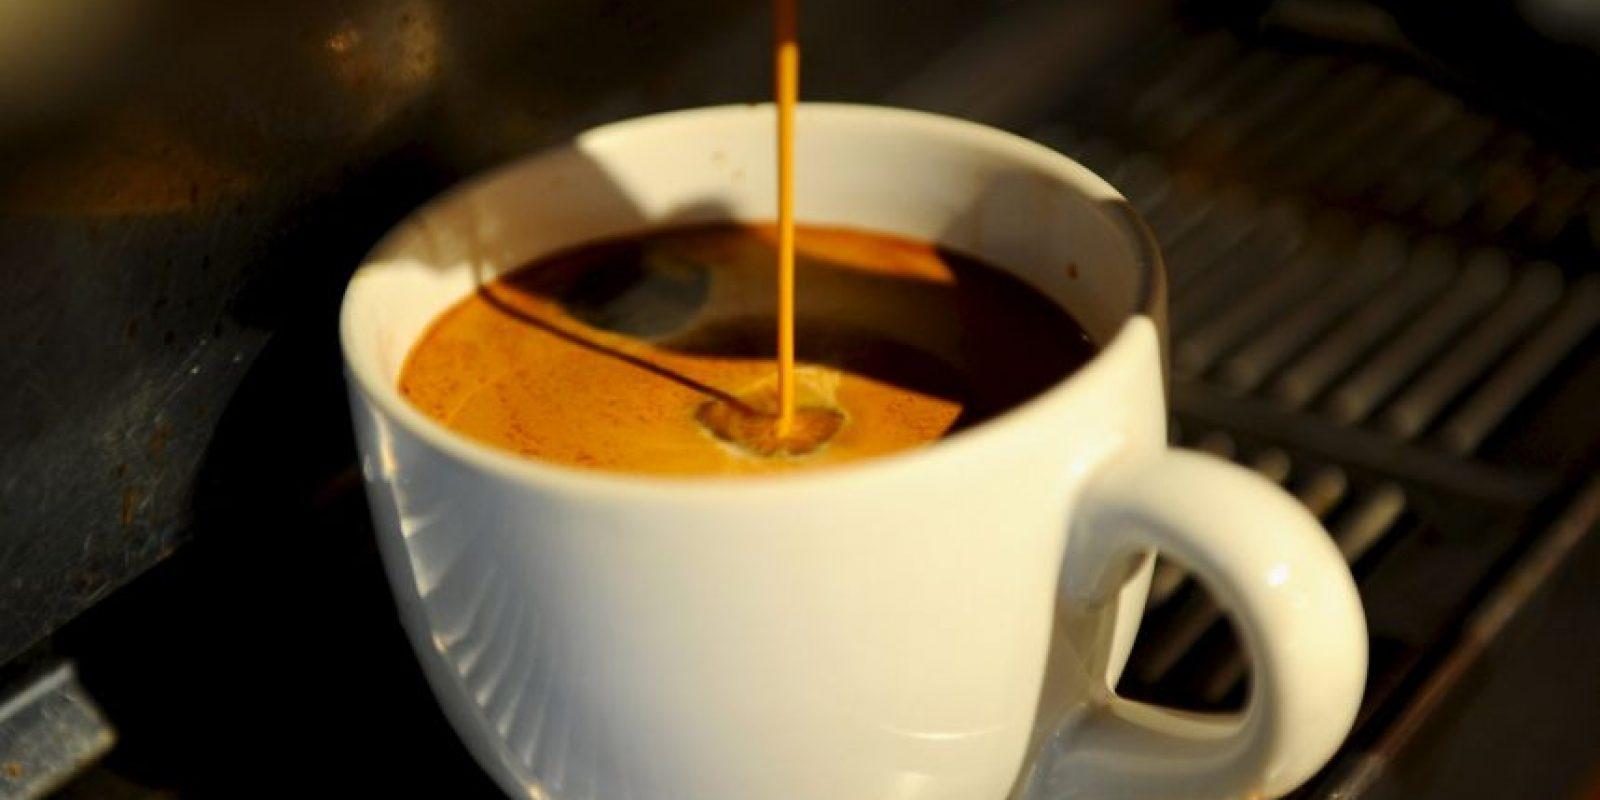 Por su contenido en cafeína puede hacernos sentir ansiedad, sentimiento que podría provocar tristeza o depresión. Foto:Getty Images